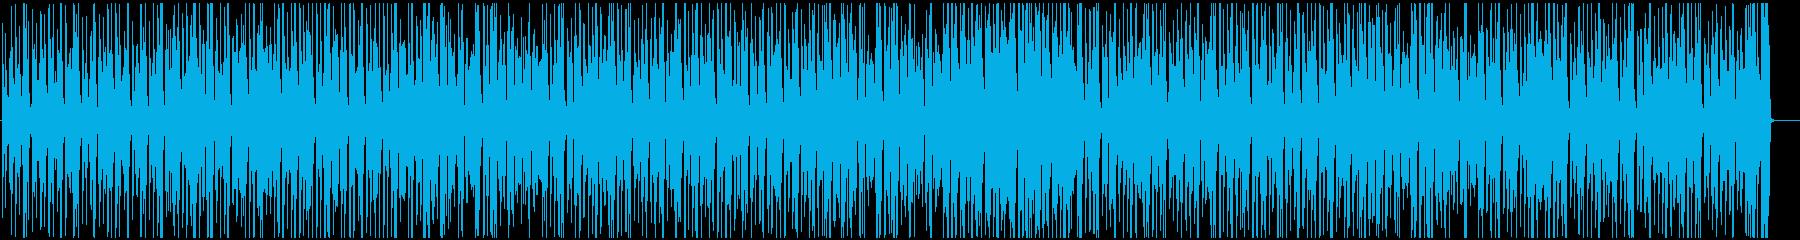 ウクレレとピアノで長閑なレゲエ調ポップの再生済みの波形